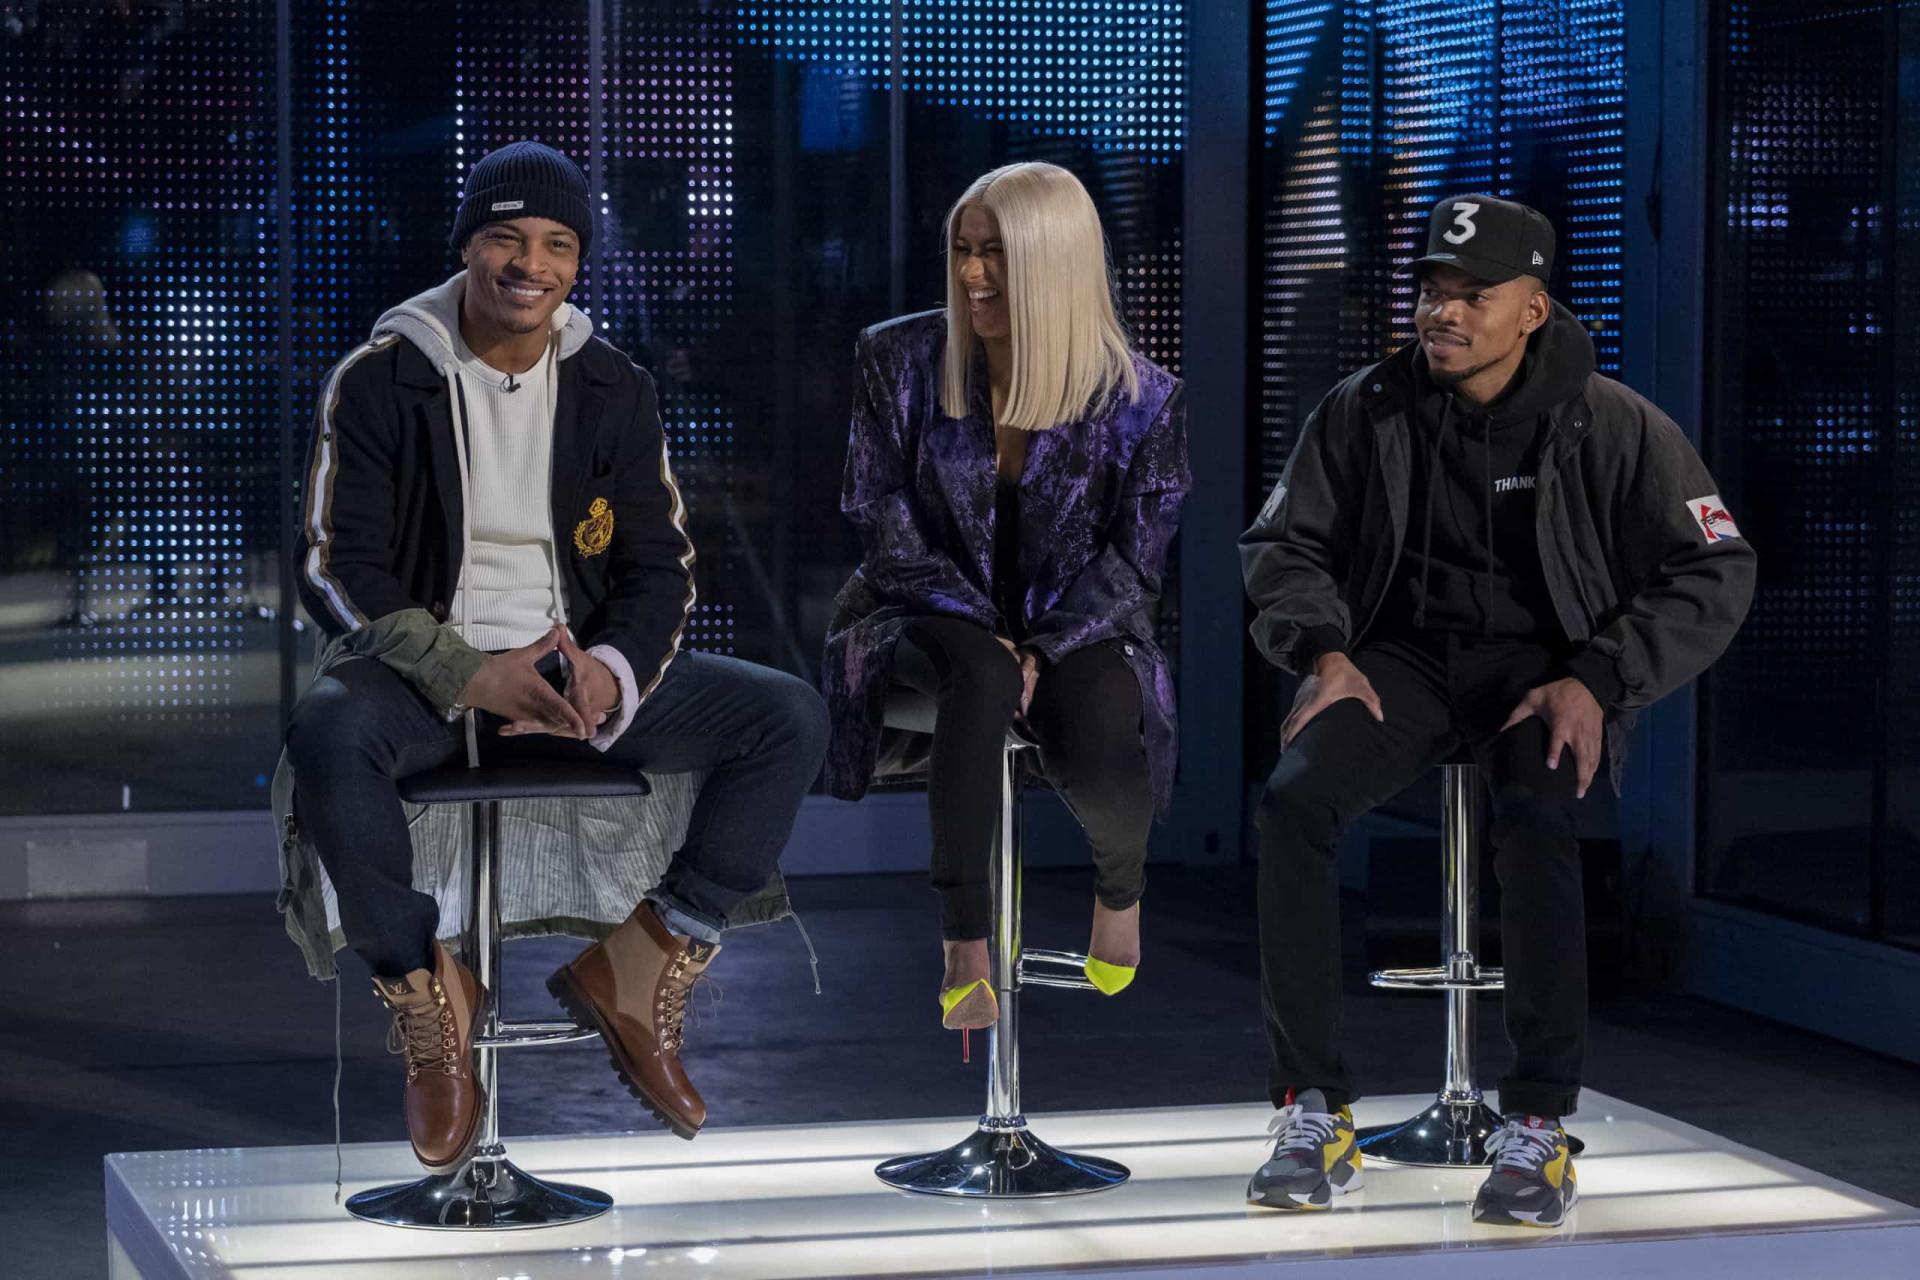 Chance the Rapper, Cardi B e TI serão juízes em competição da Netflix